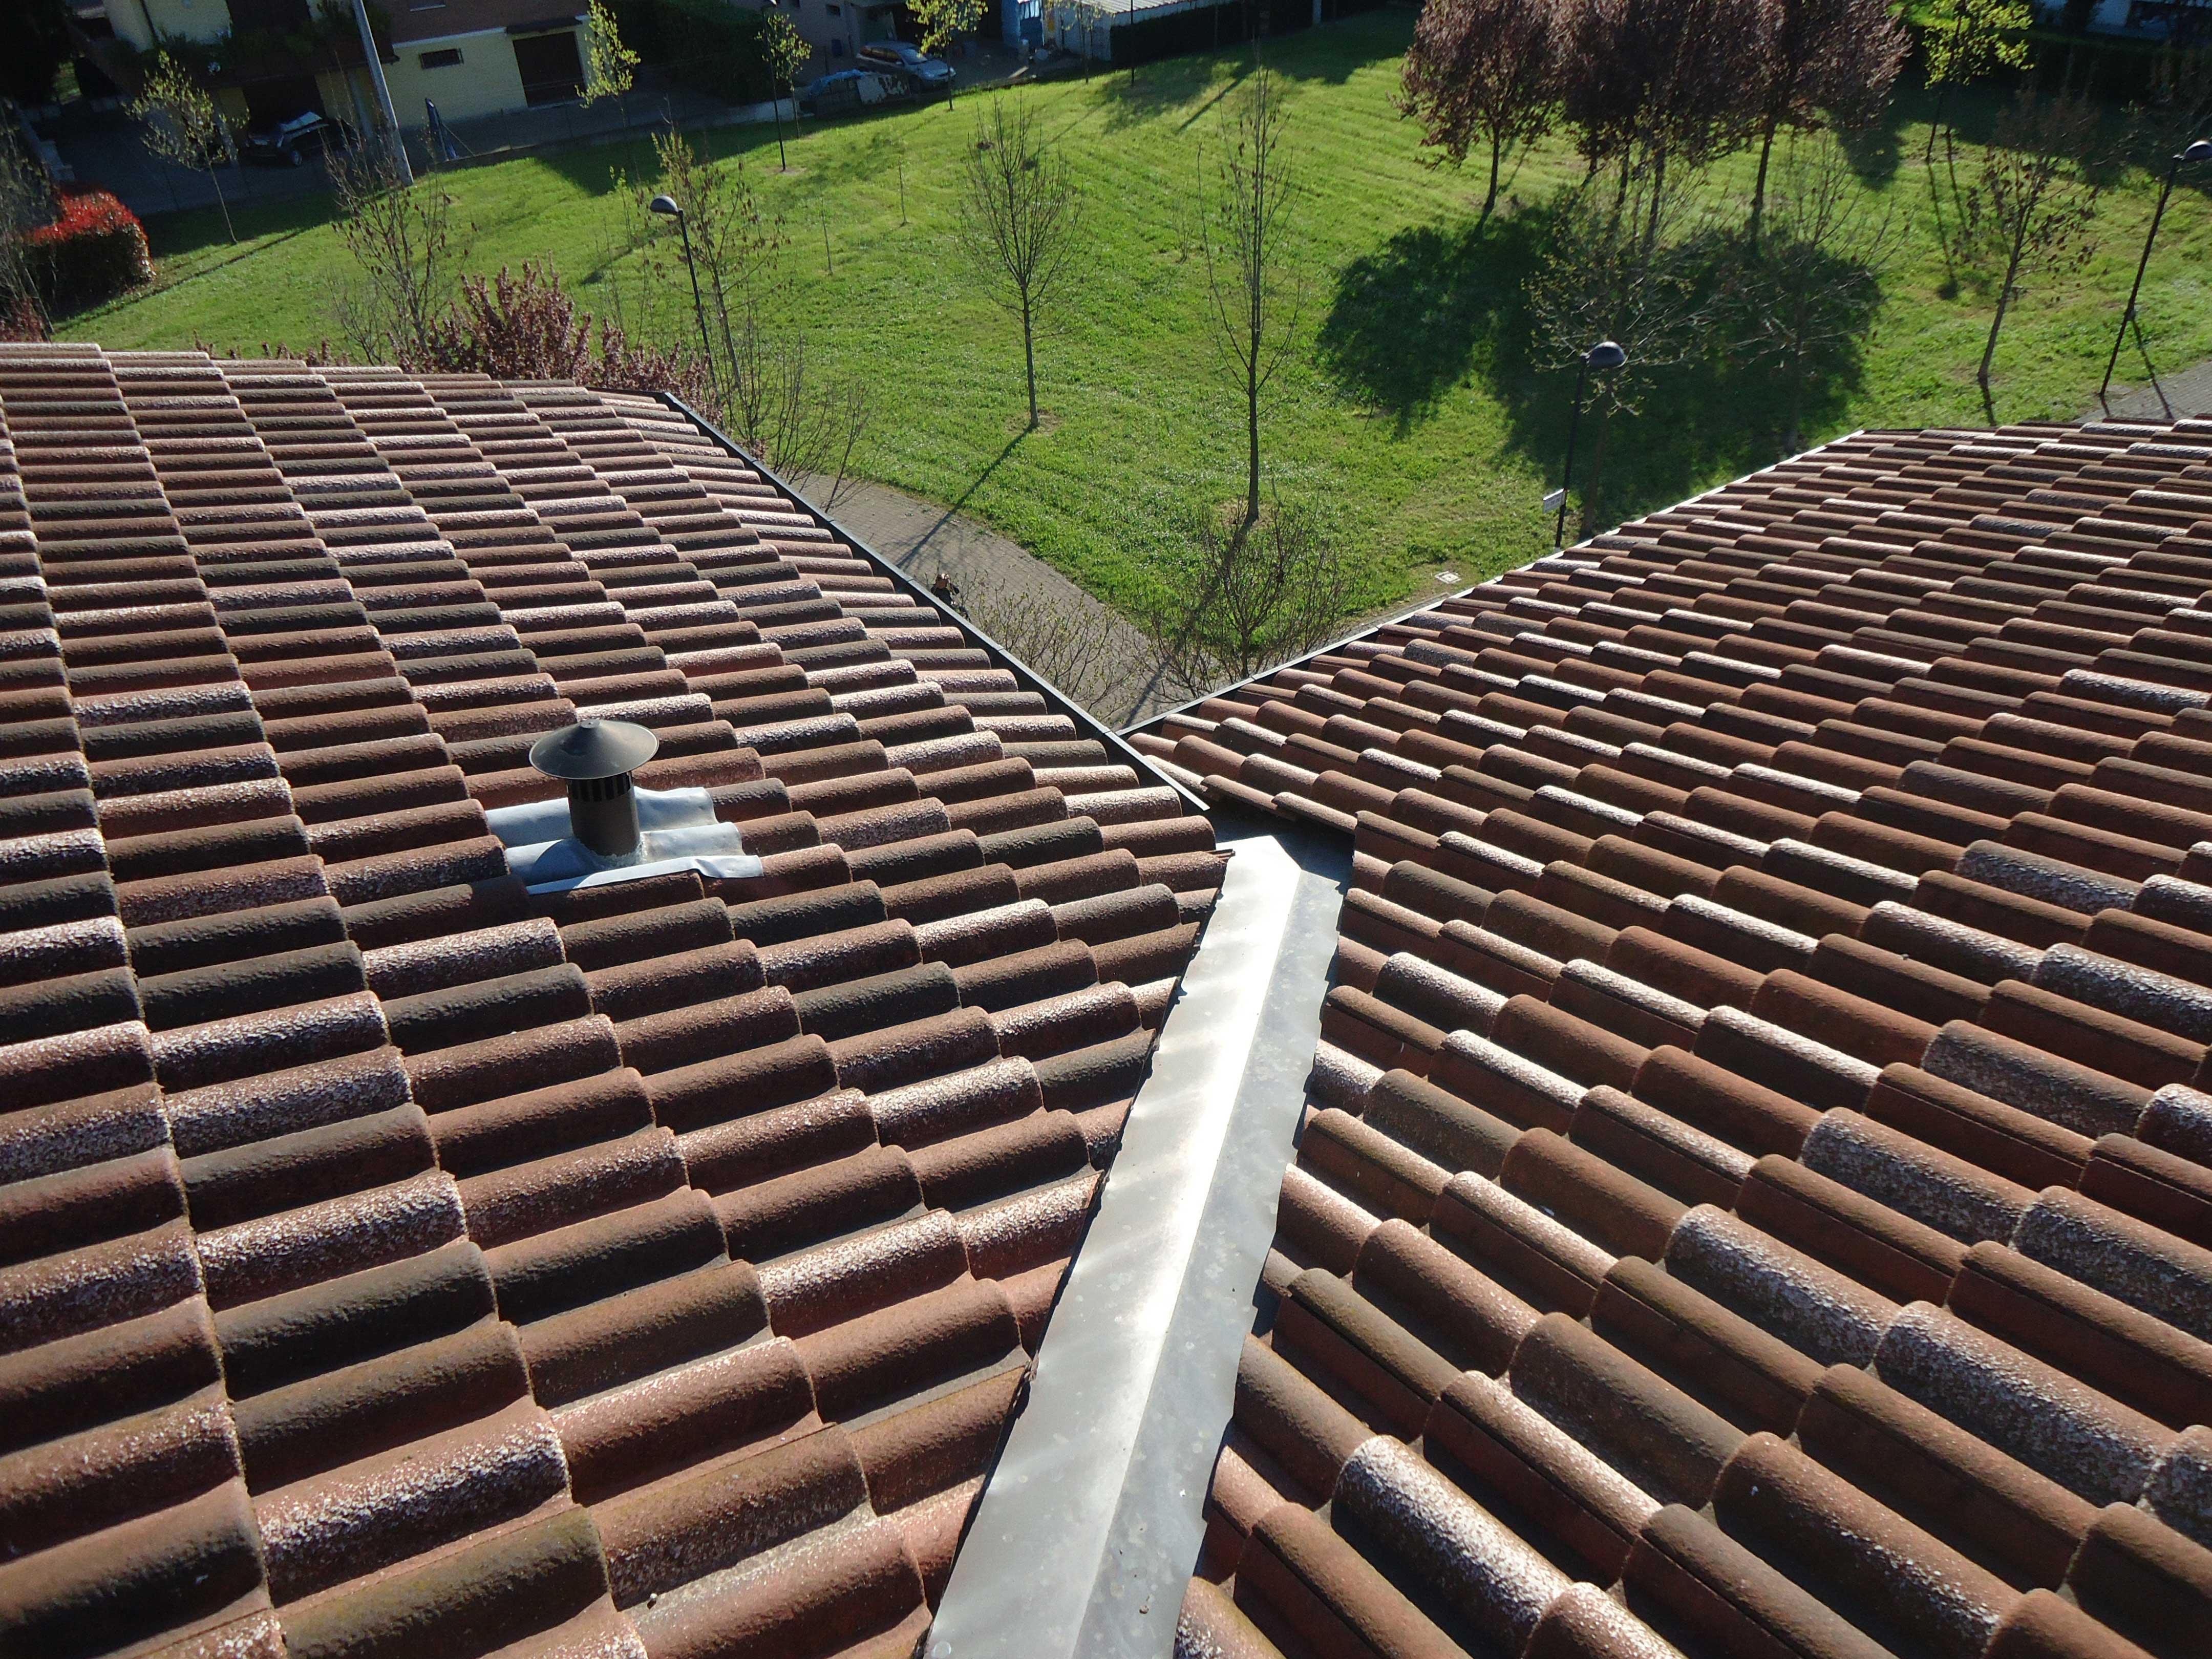 Rifacimento e manutenzioni tetti e coperture